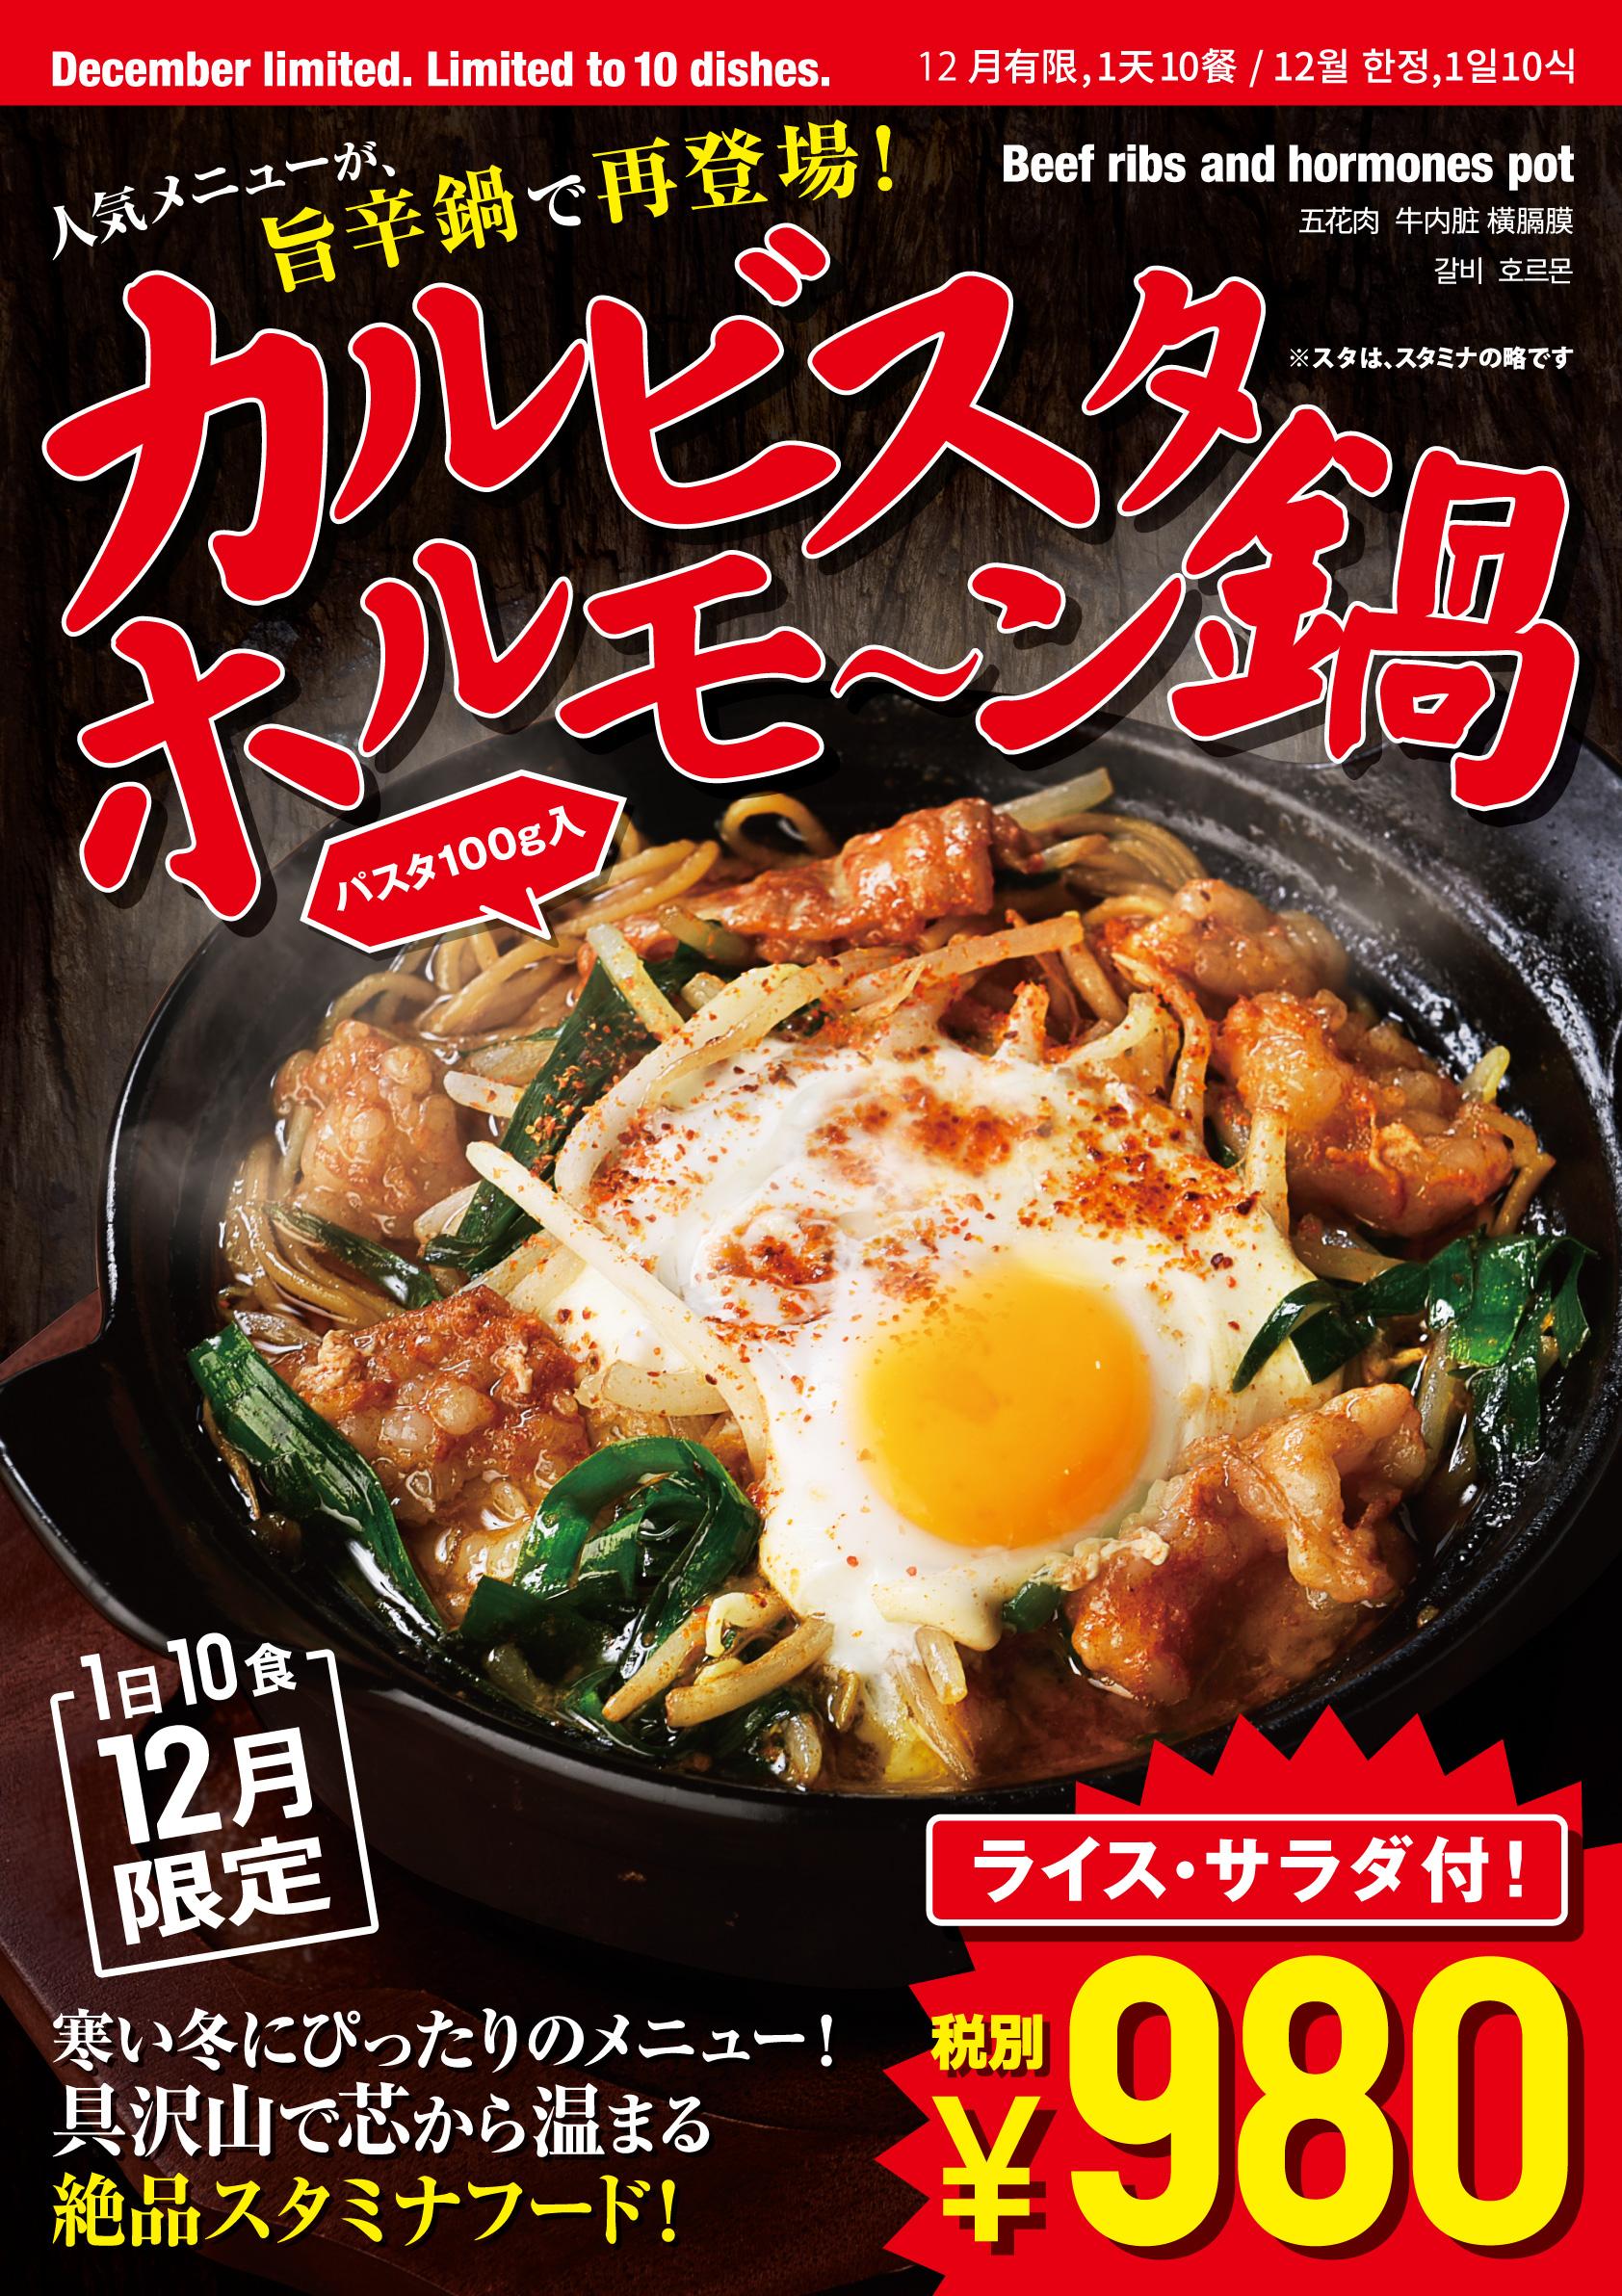 カルビスタホルモ〜ン鍋